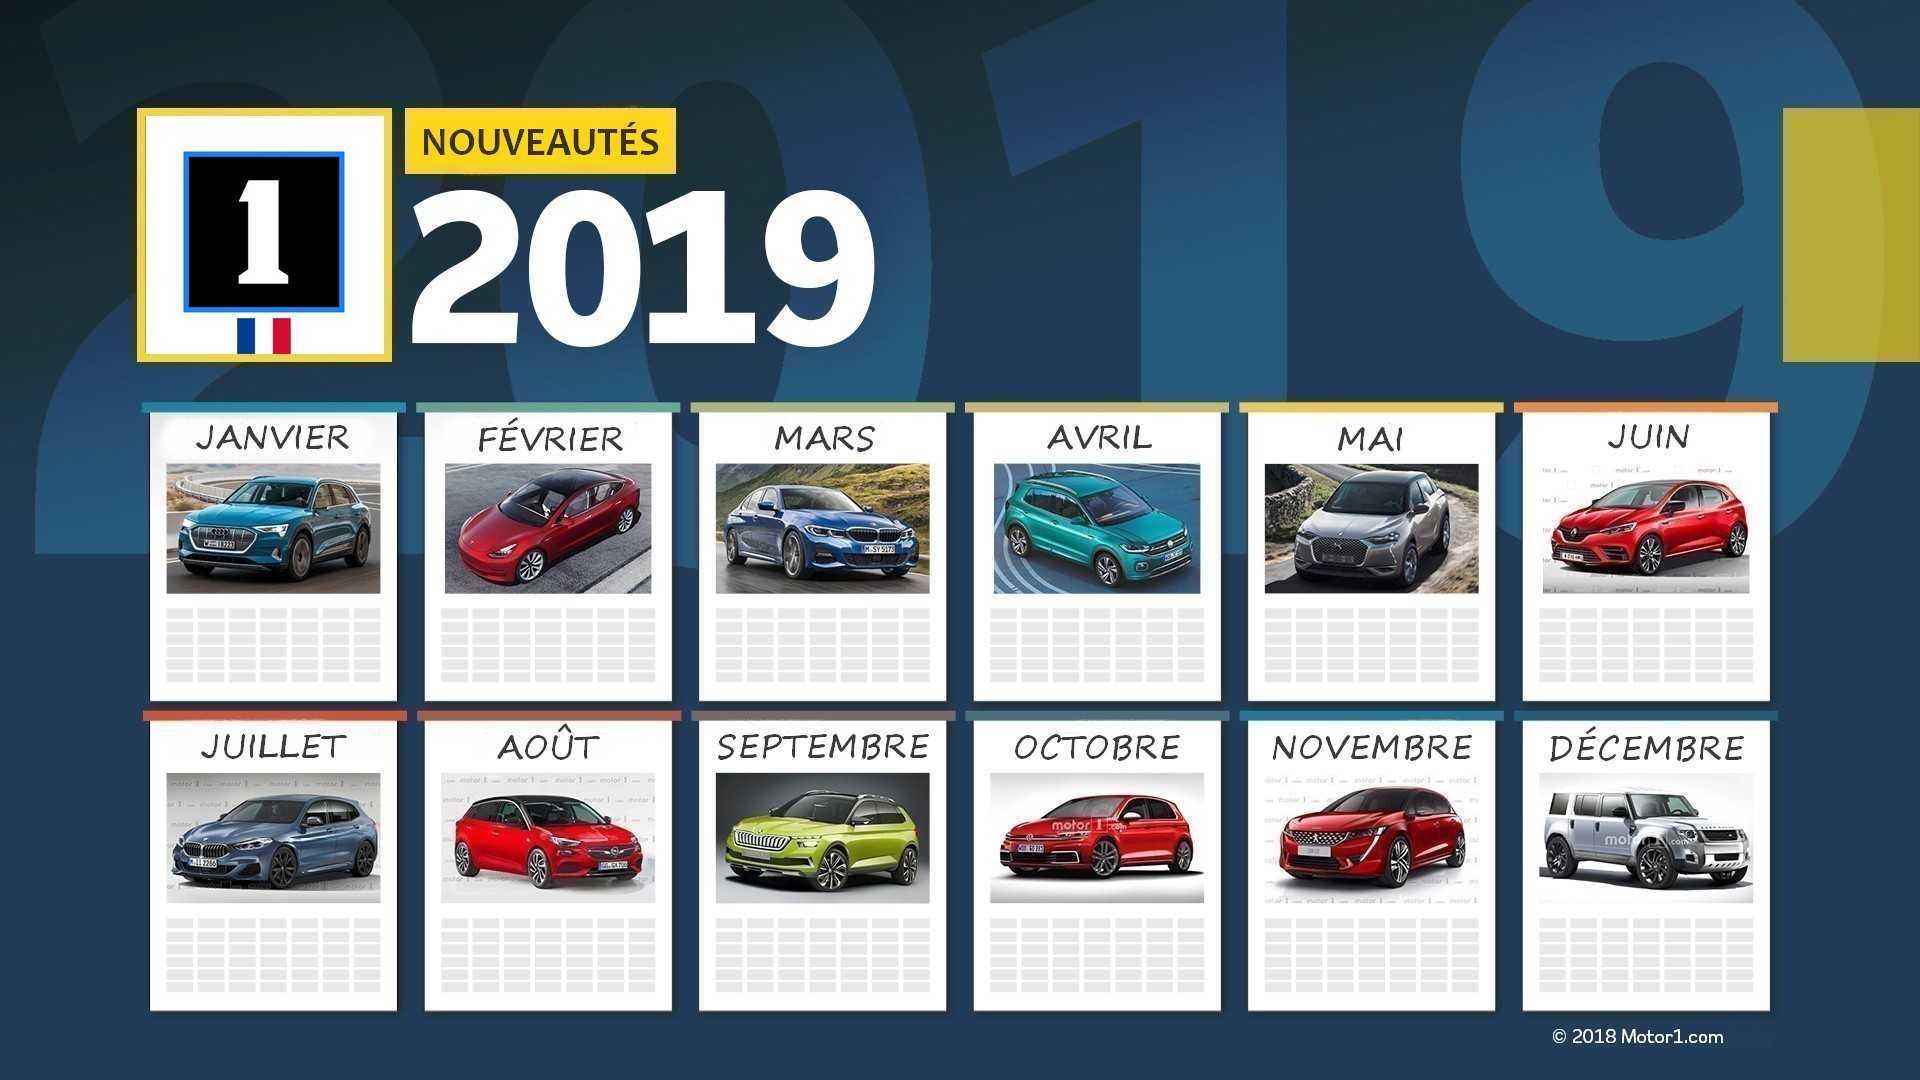 Calendrier Cross Country 2020.Le Calendrier Des Nouveautes Automobiles 2019